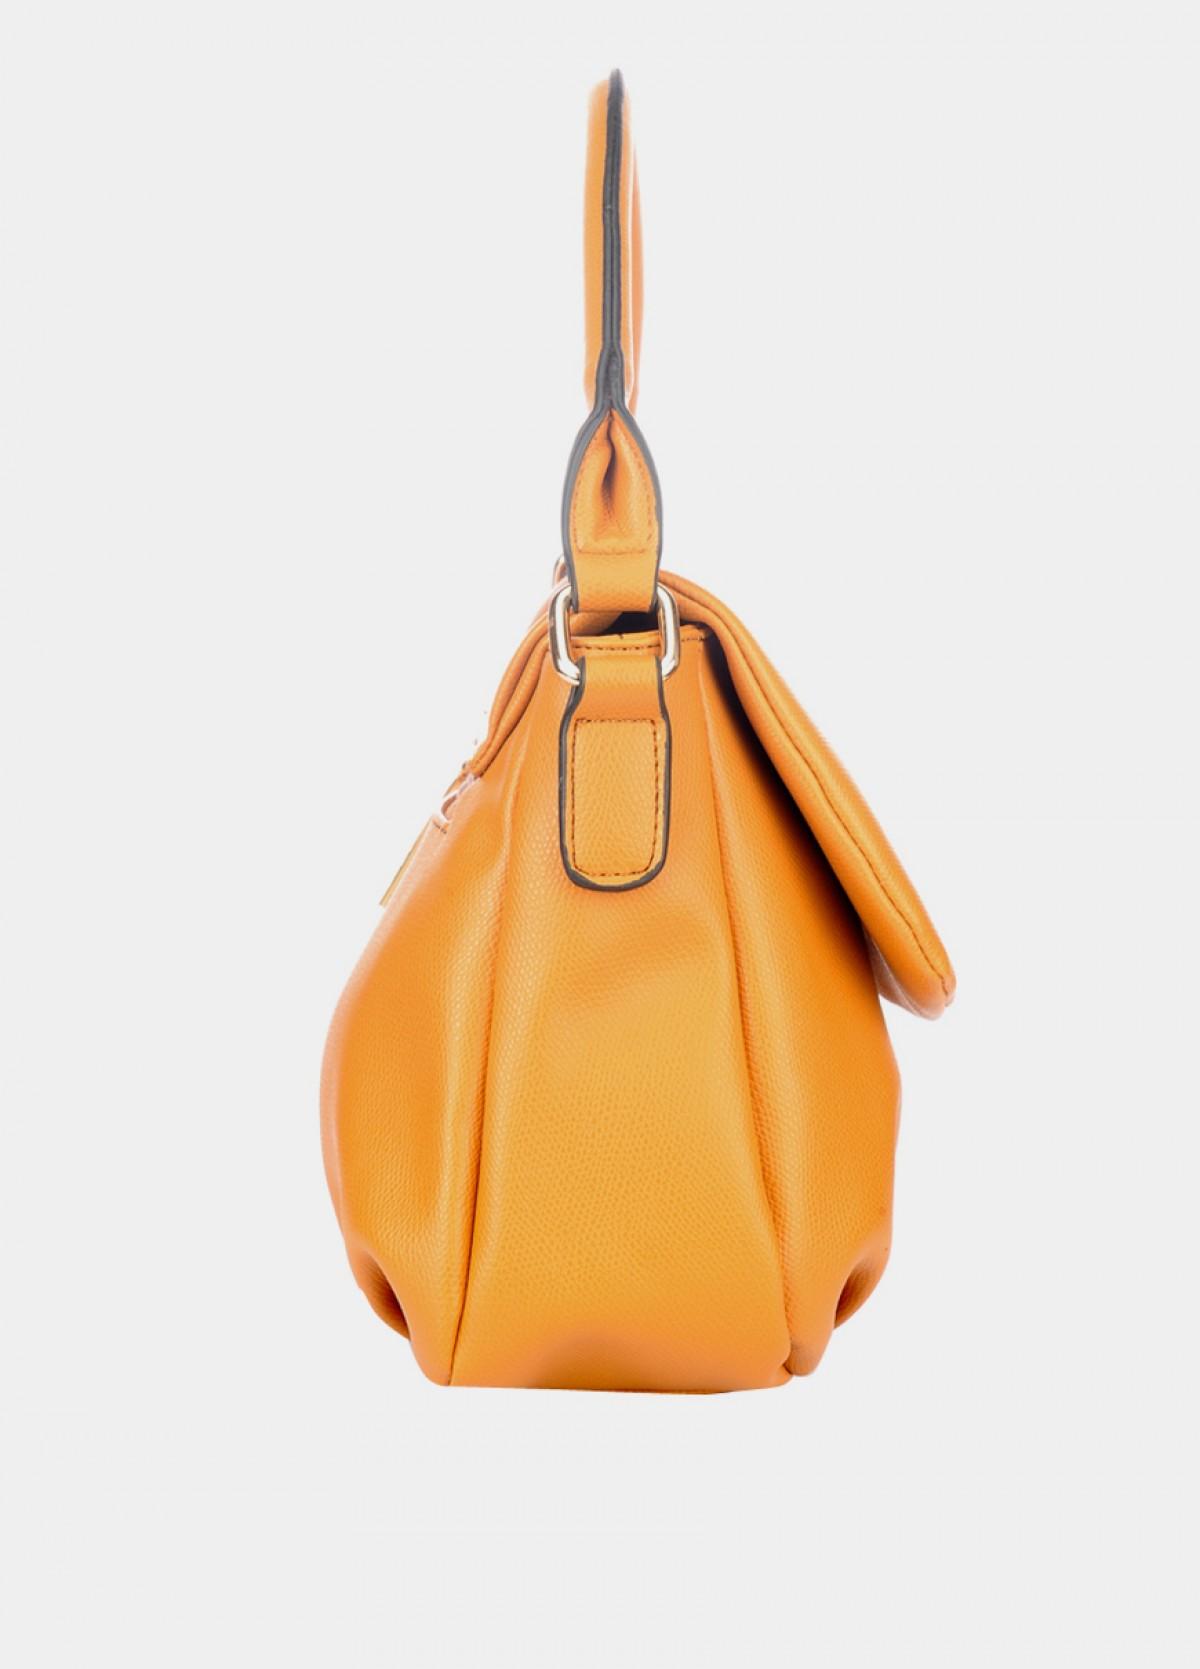 The Mustard Formal Handbag